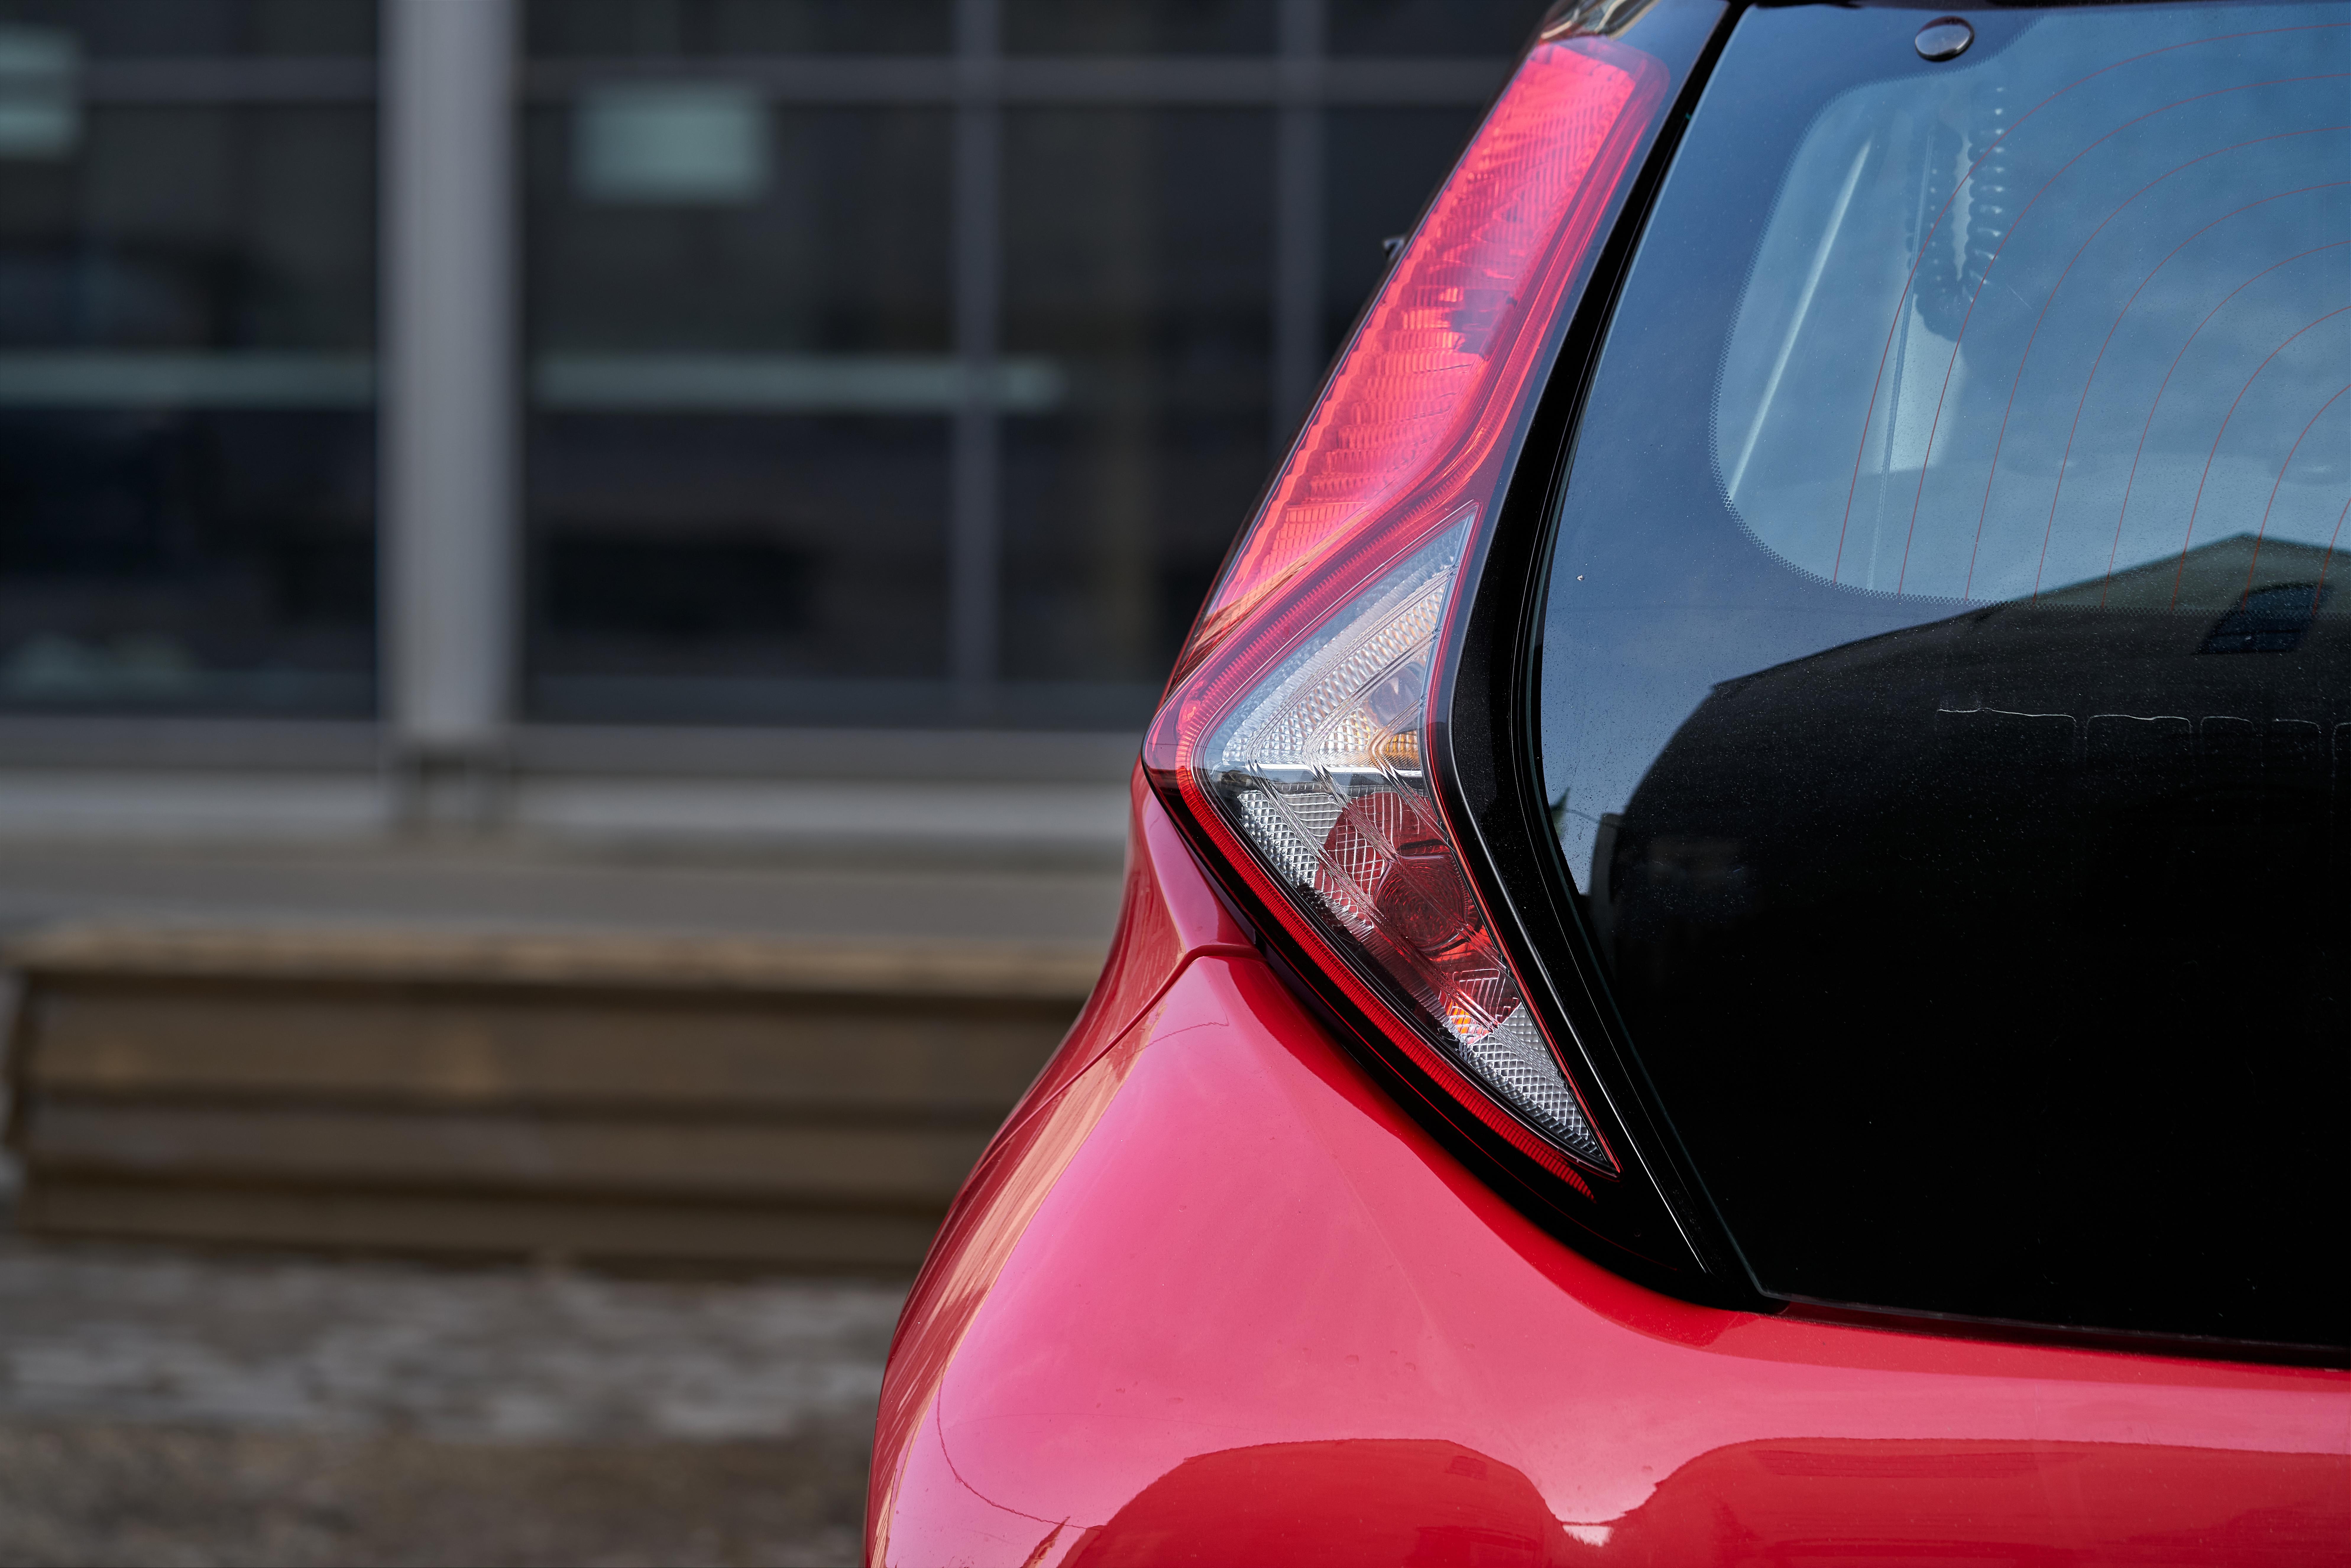 Consilierii au decis. Cât plătesc șoferii care parchează neregulamentar în Sectorul 5 și cărora li se ridică mașinile